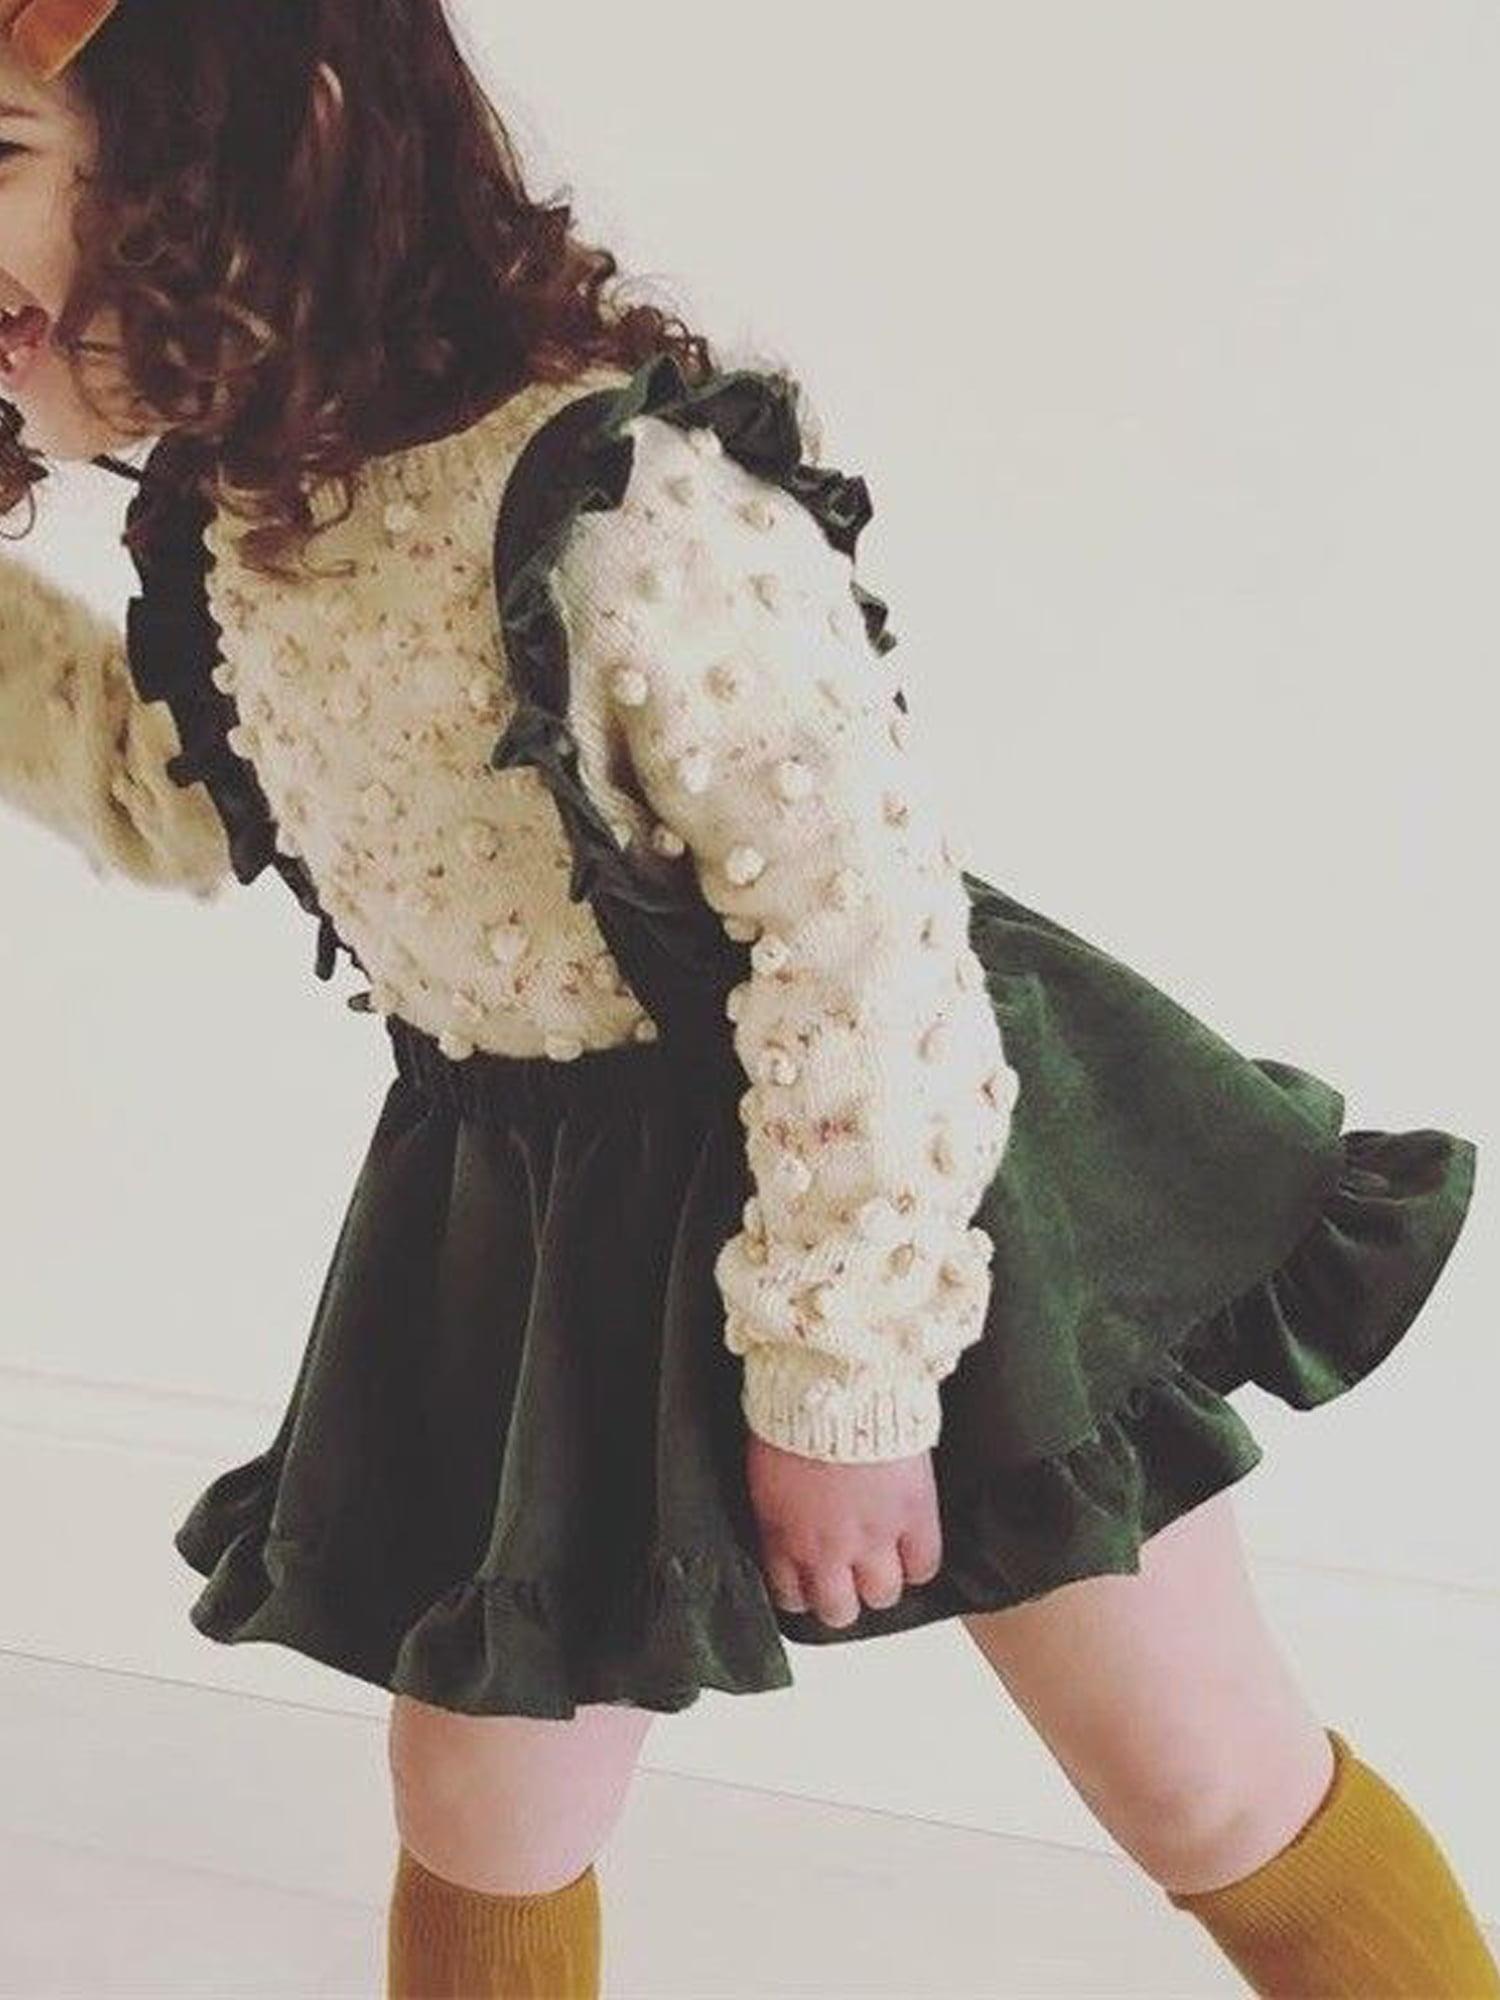 Ambabe Toddler Baby Girl Velvet Suspender Skirt Sleeveless Strap Overalls Skirt Solid Color Ruffled Casual Tutu Dress Outfit